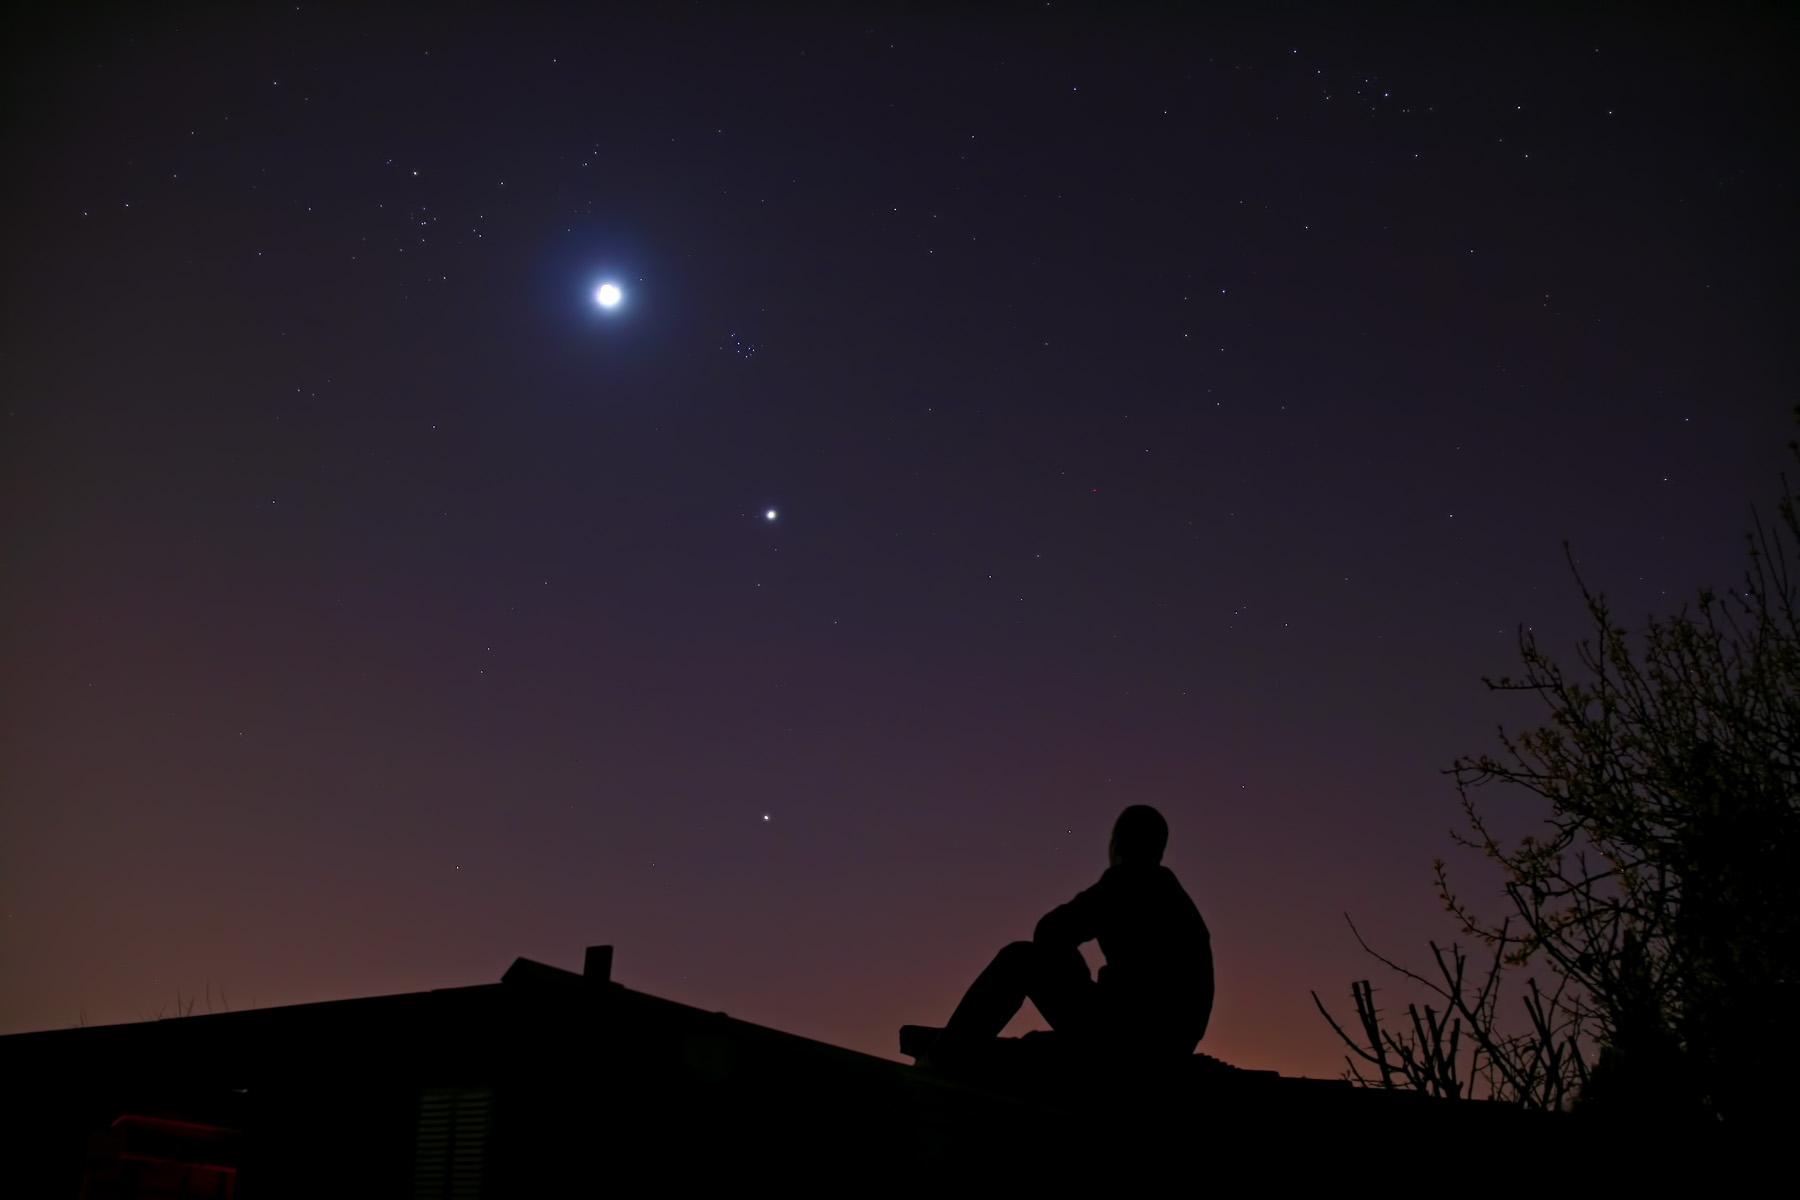 Mirant la conjunció lluna - venus - júpiter